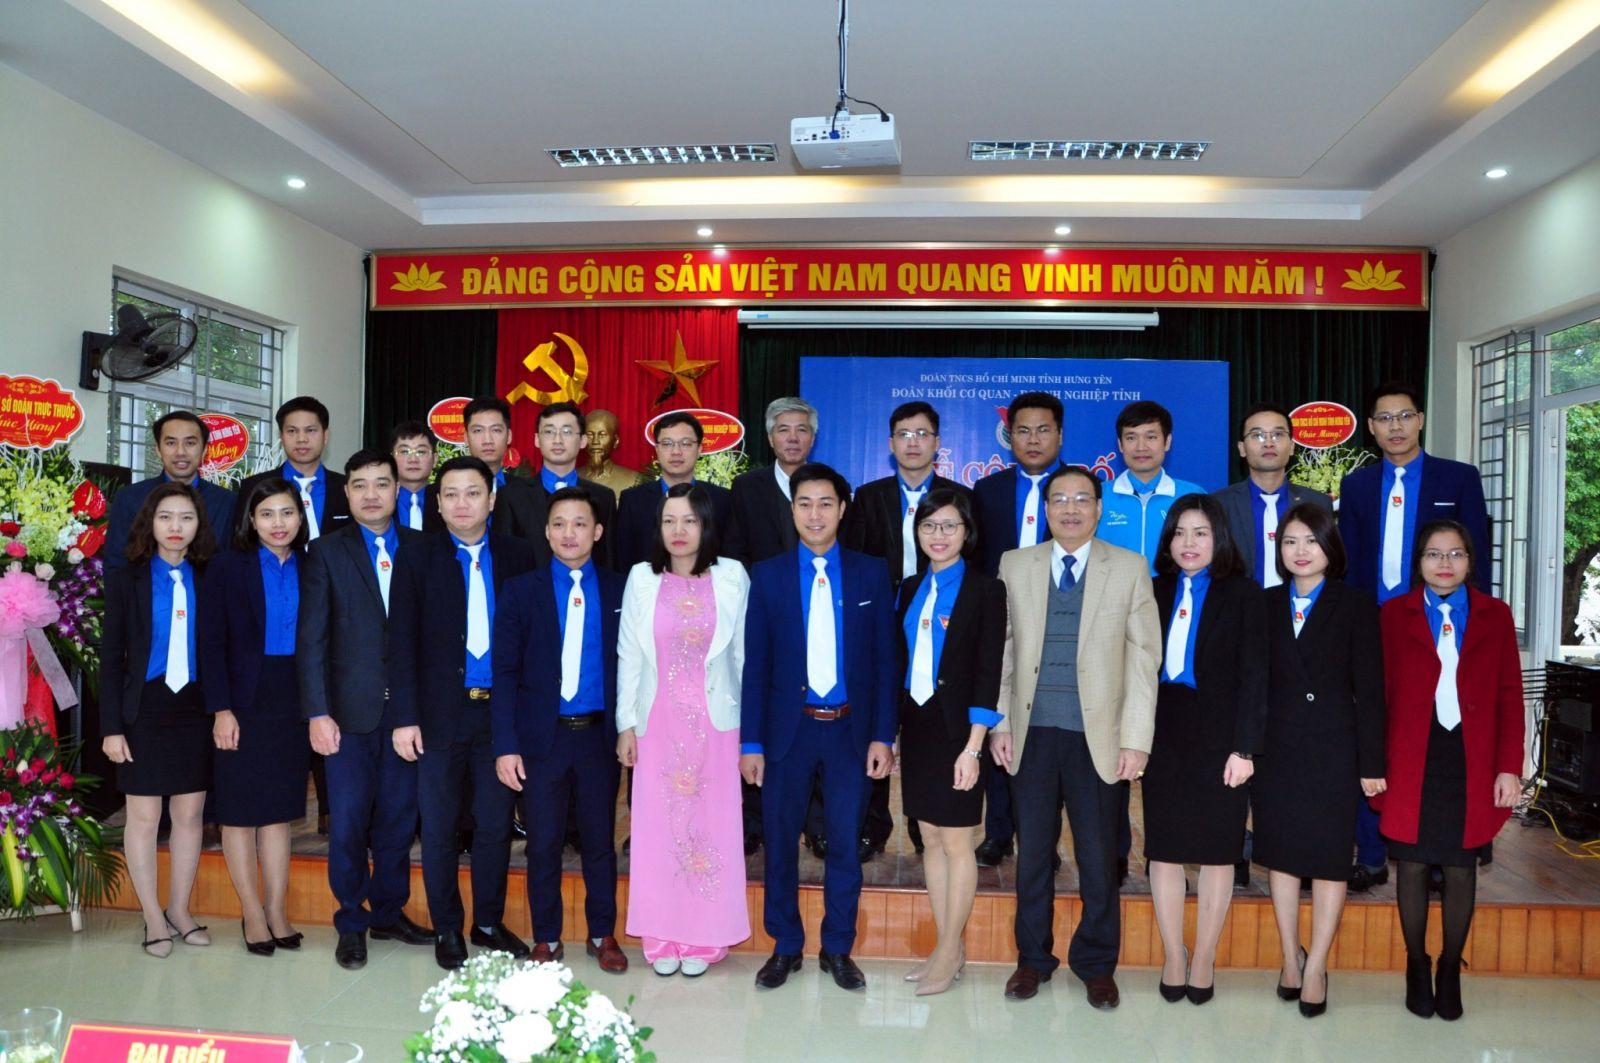 Công bố quyết định thành lập Đoàn Khối Cơ quan - Doanh nghiệp tỉnh